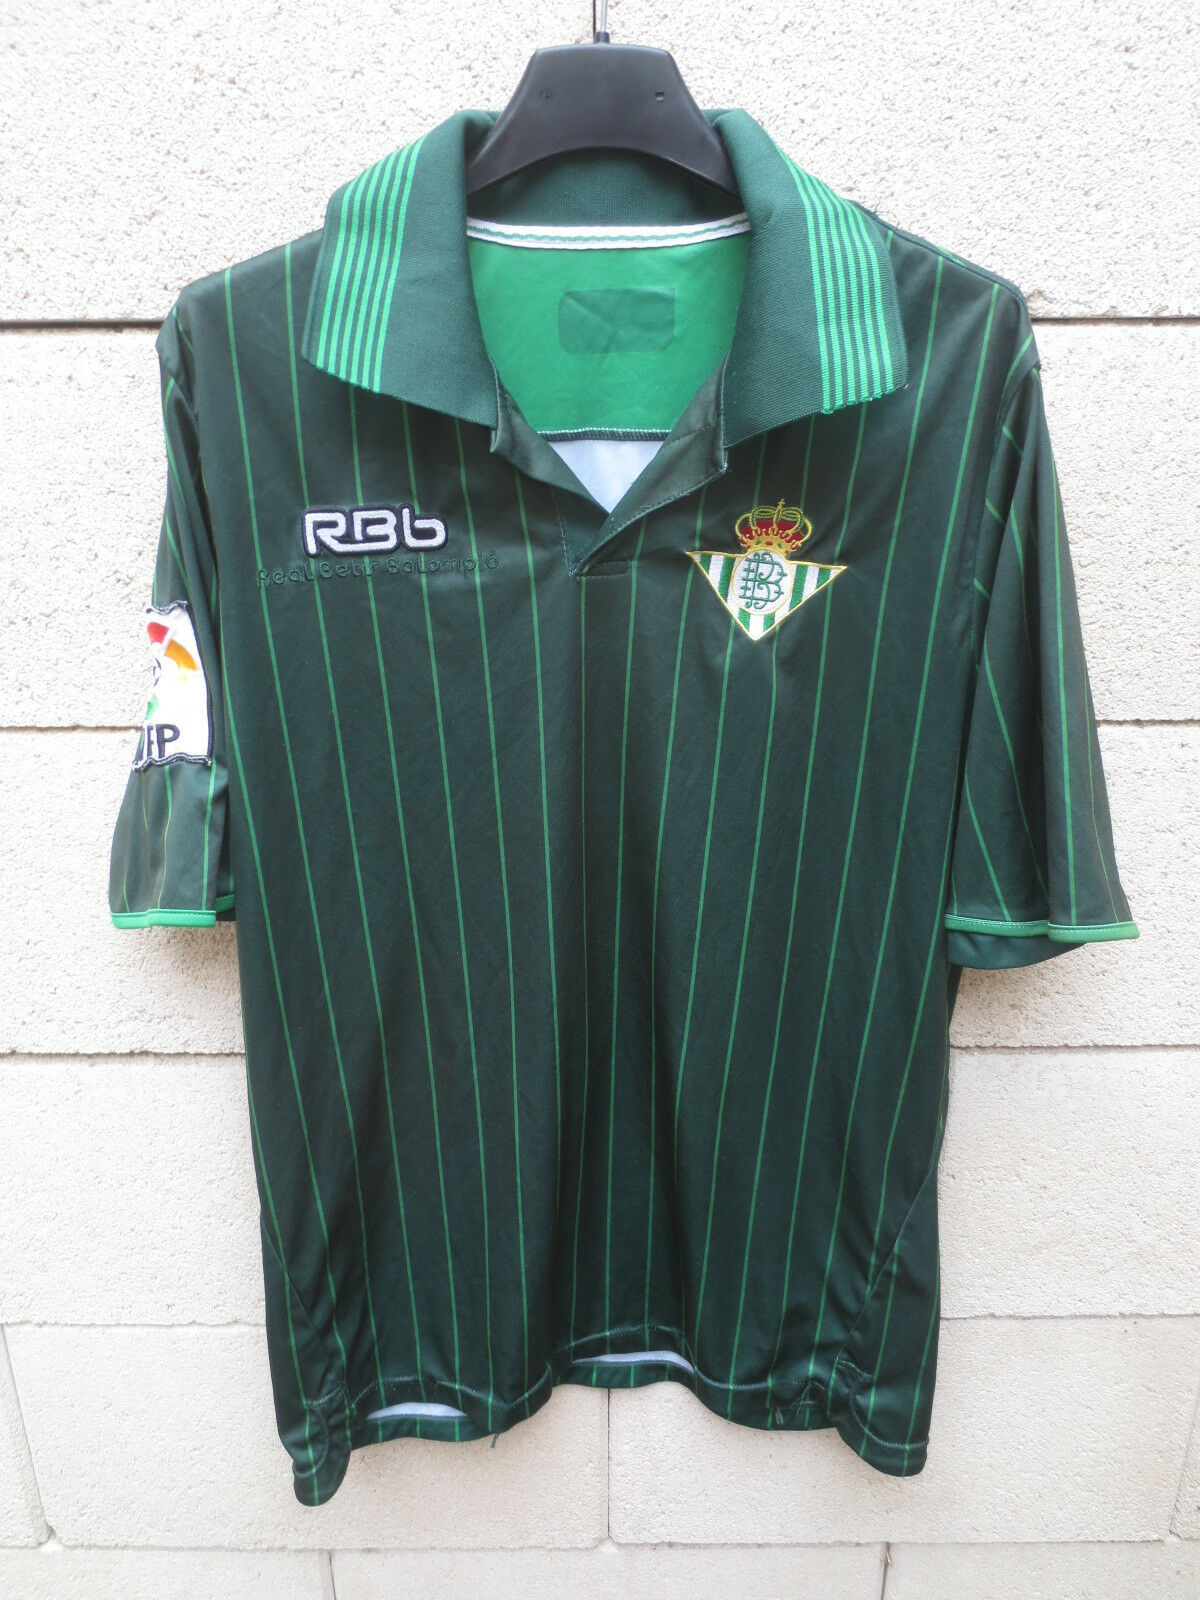 Maillot REAL BETIS Balompié 2012 n°14 LFP camiseta shirt jersey football away M